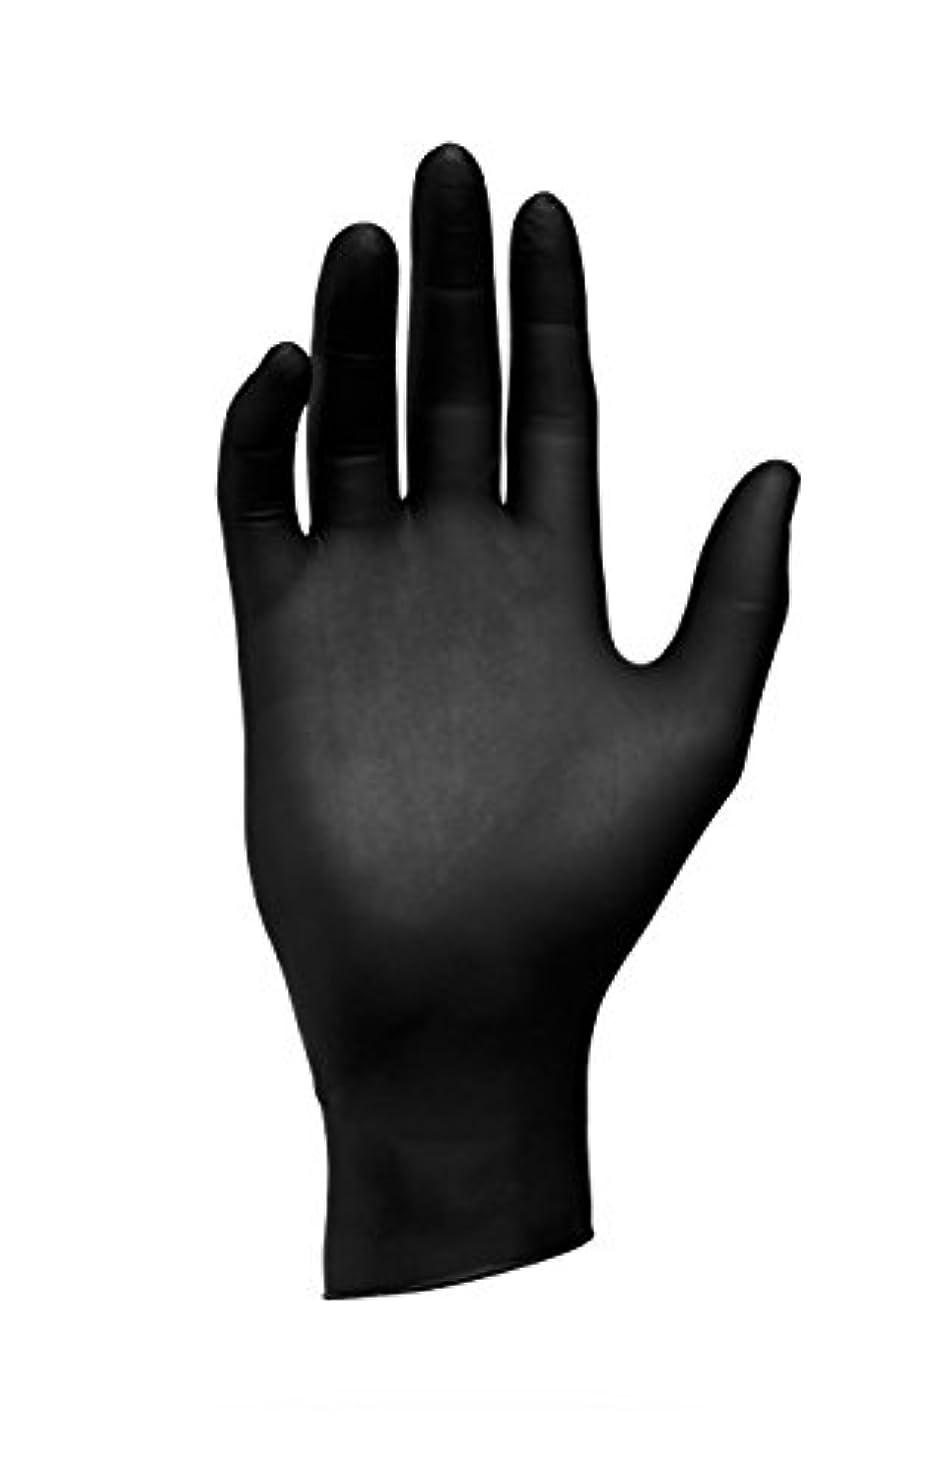 リハーサル虎池エバーメイト センパーガード ニトリルブラックグローブ ブラック S(6.0?6.5インチ)甲幅8cm 100枚入